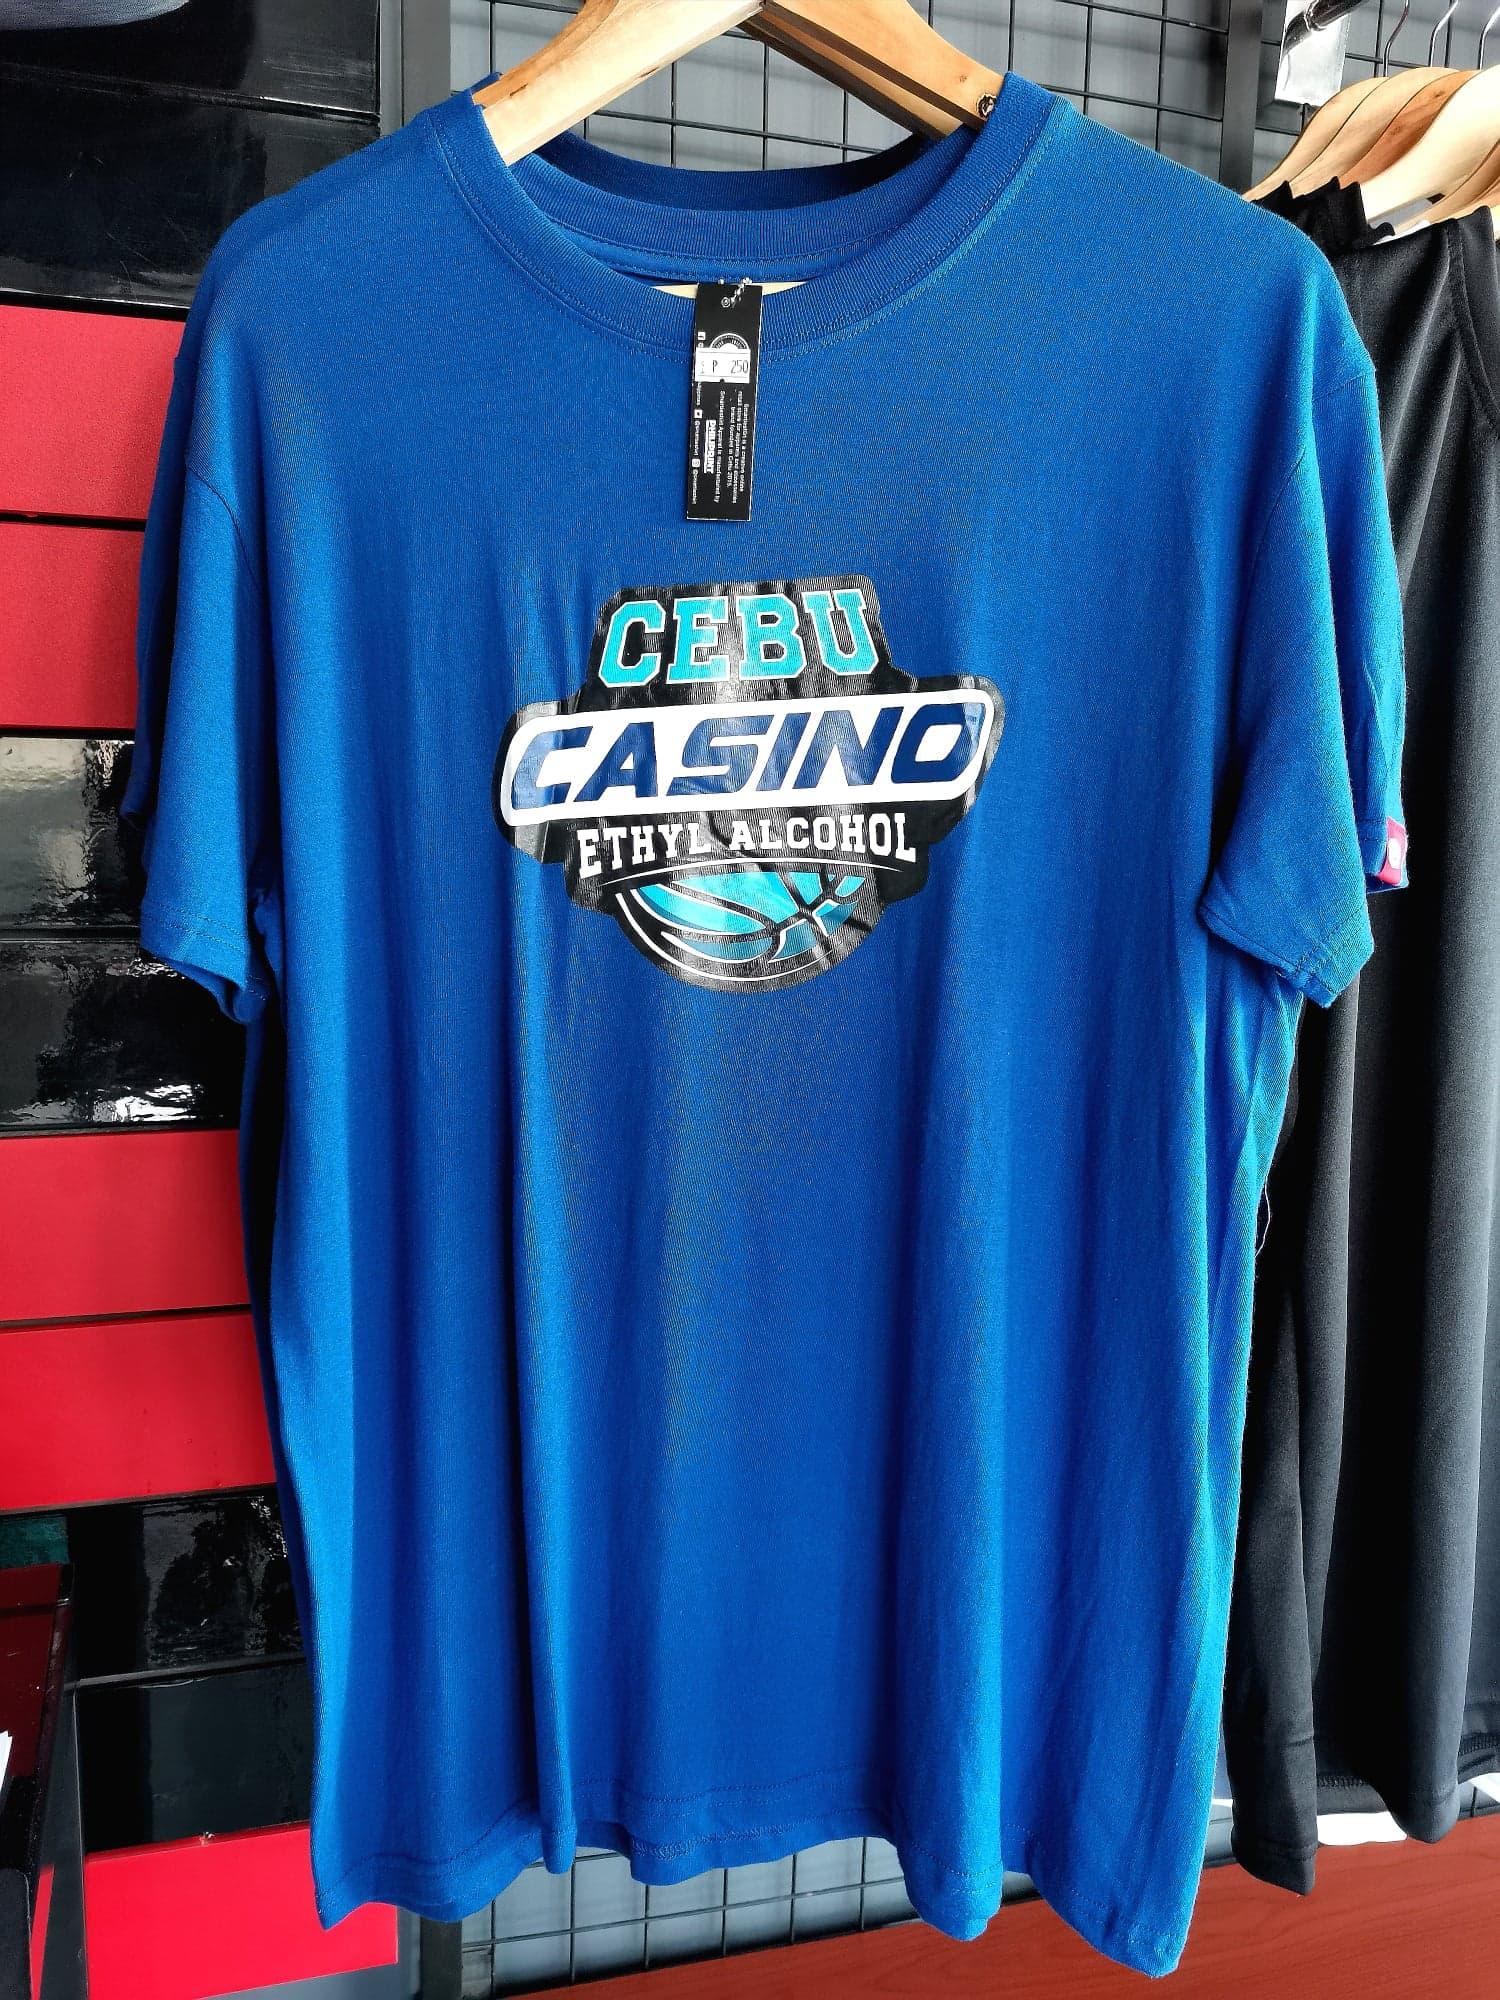 Philiprint Short Sleeves Shirt Sublimation Cebu Casino Ethyl Alcohol